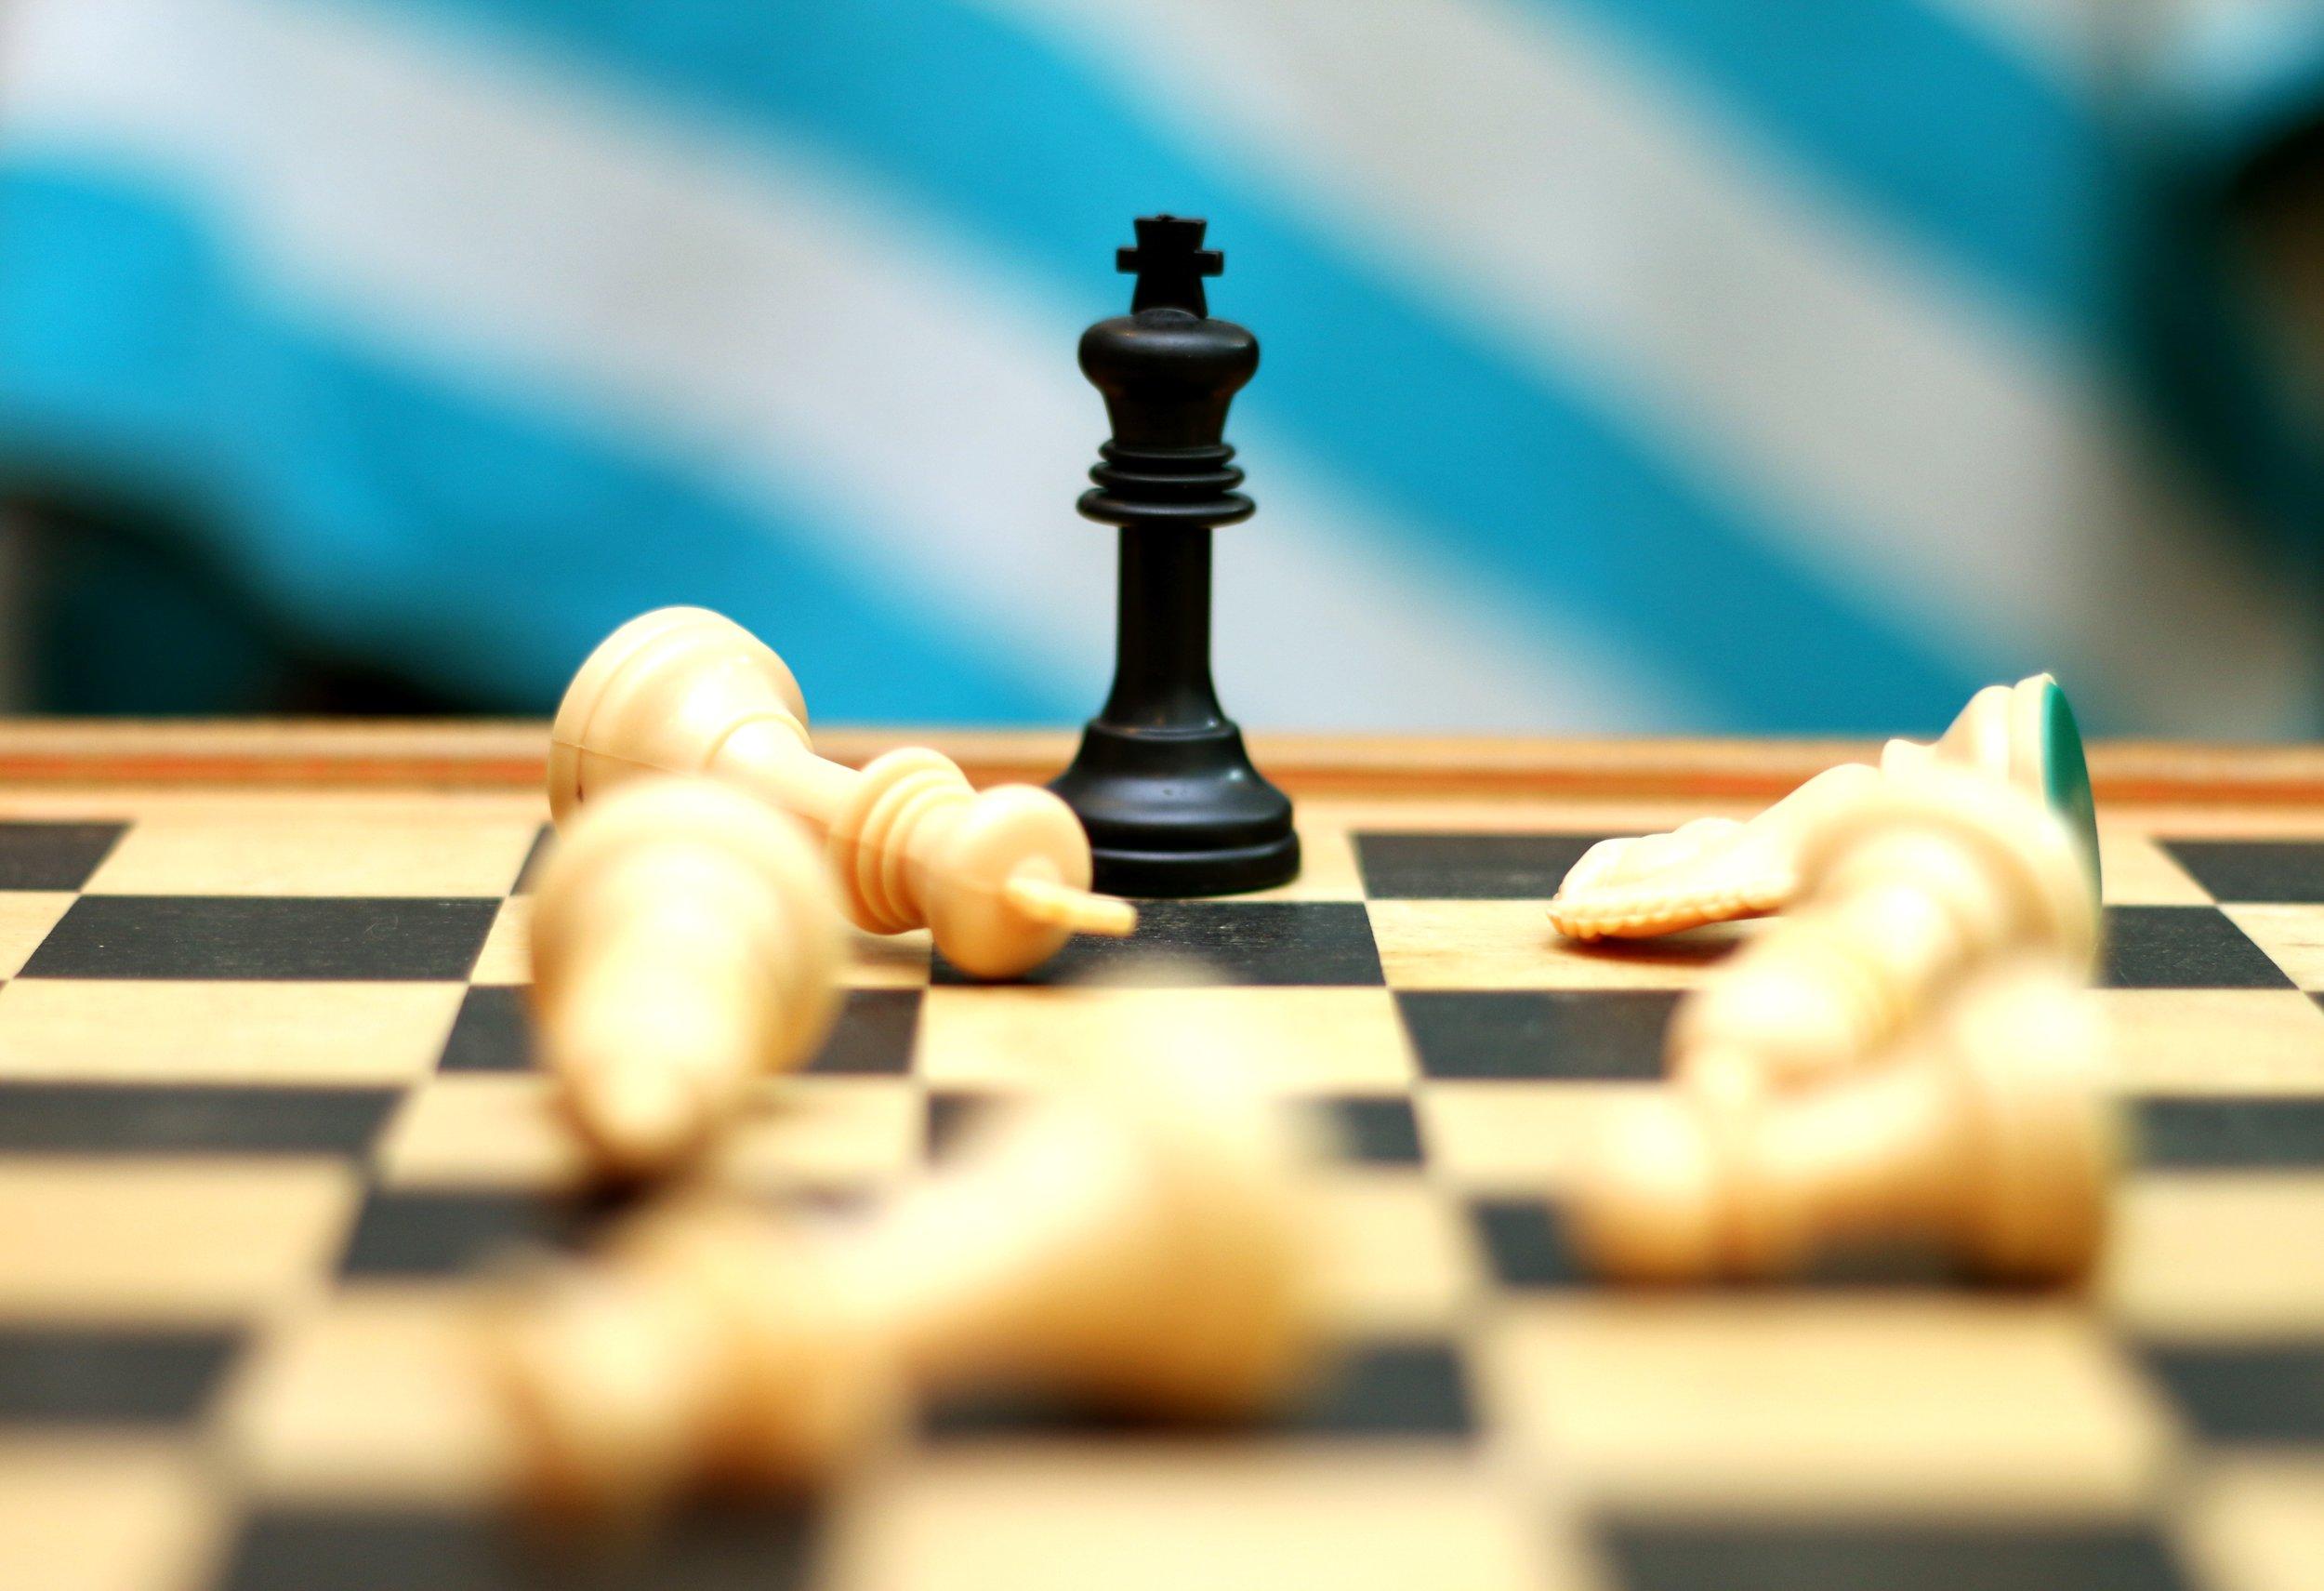 battle-board-game-chance-59197.jpg